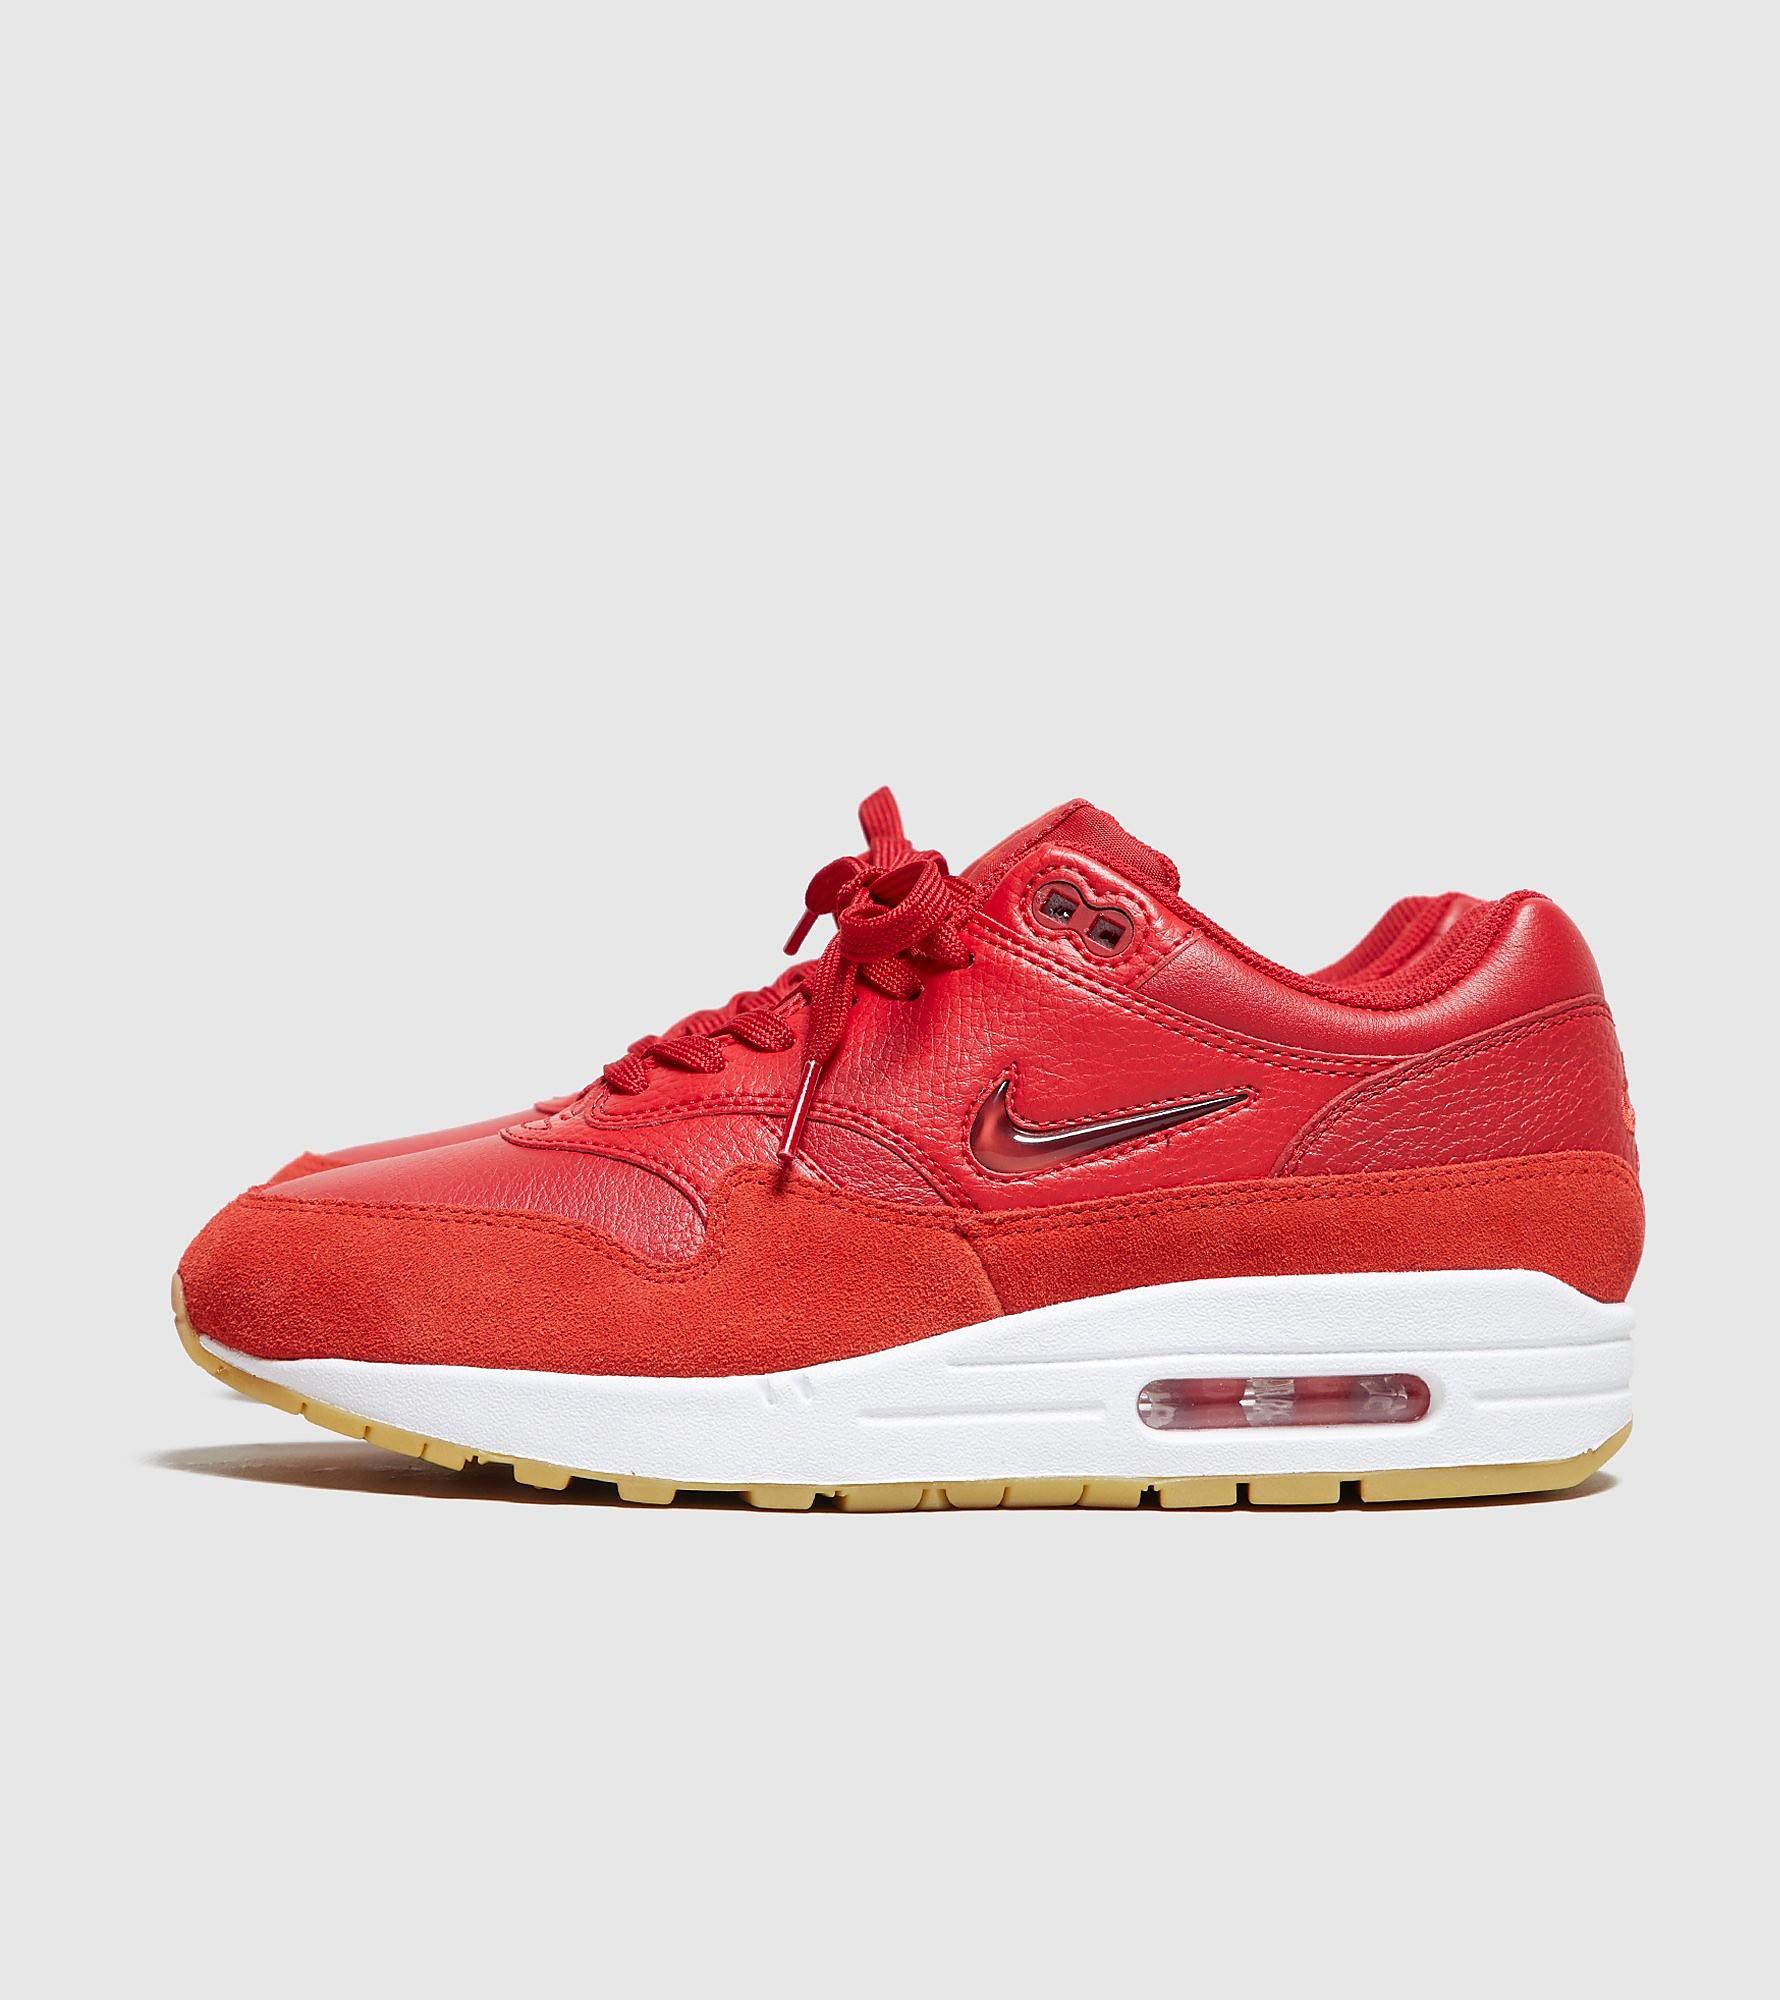 Nike Air Max 1 Premium SC Jewel Dames